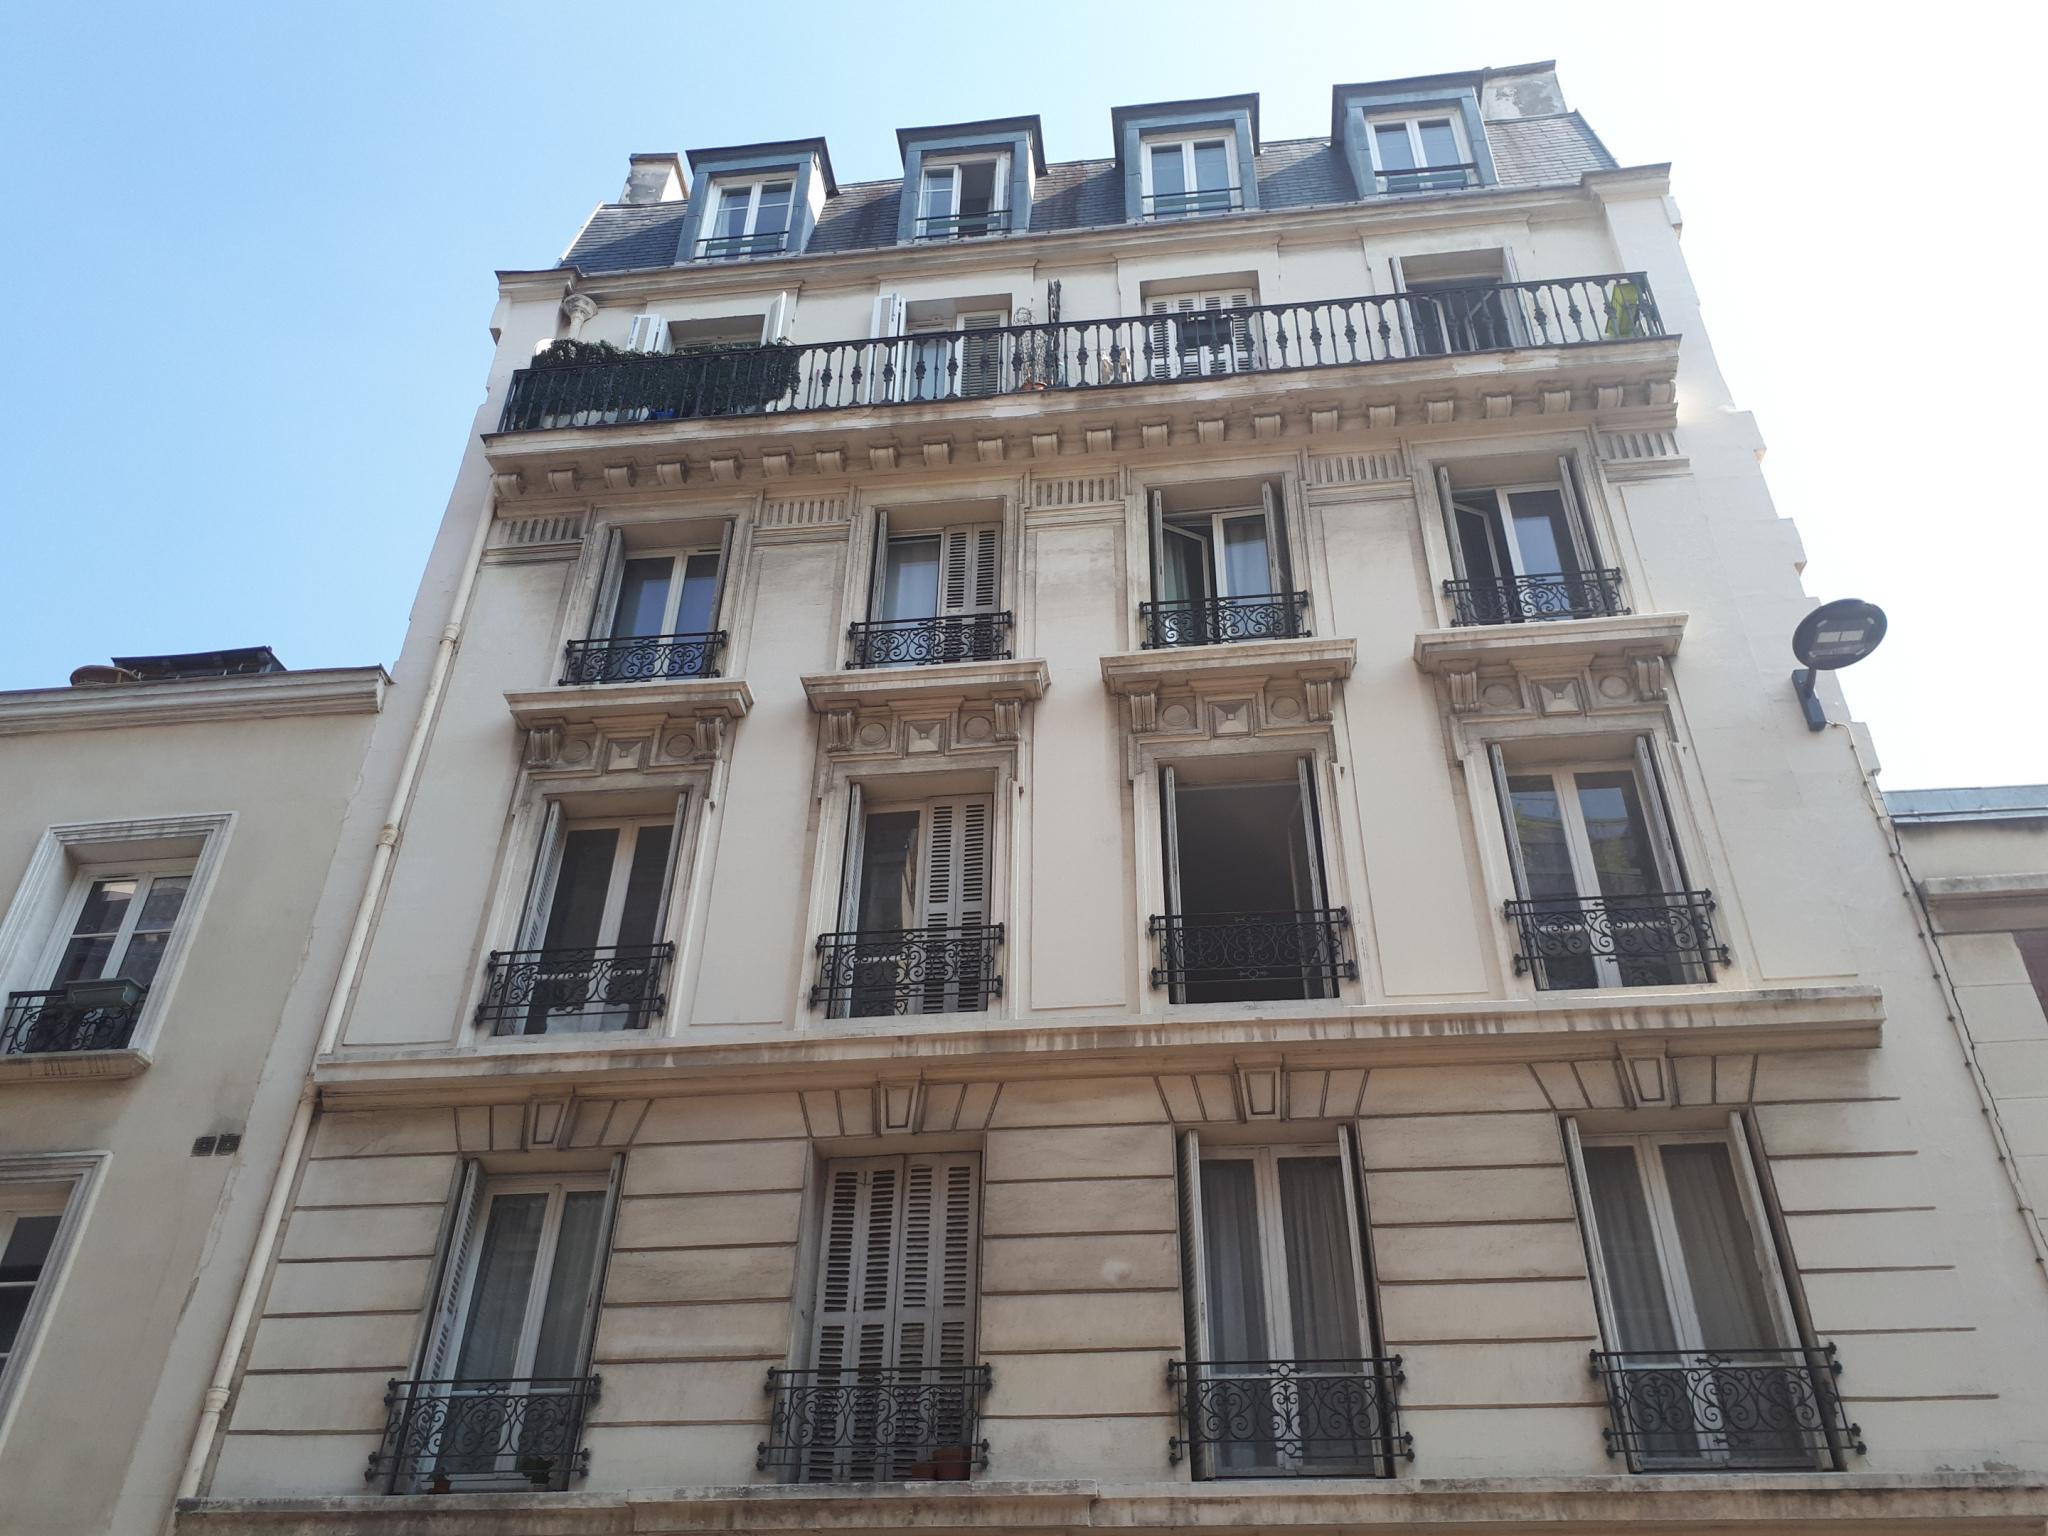 Appartement en Vente à Paris / 2 pièces 29m2